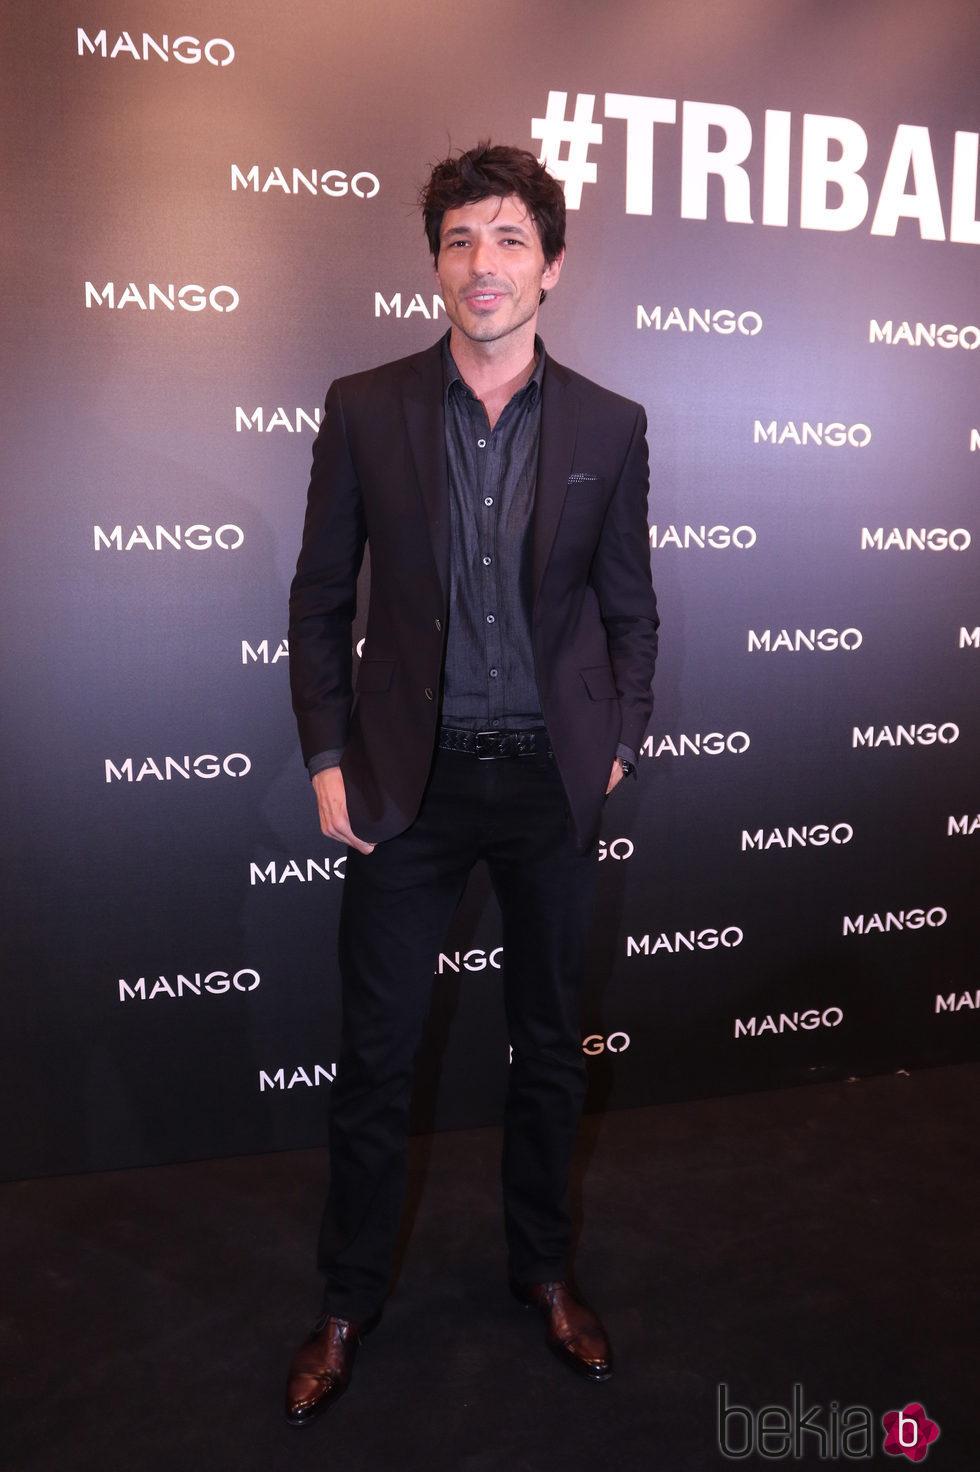 Andrés Velencoso en la presentación de la colección 'Tribal Spirit' de Mango en Barcelona